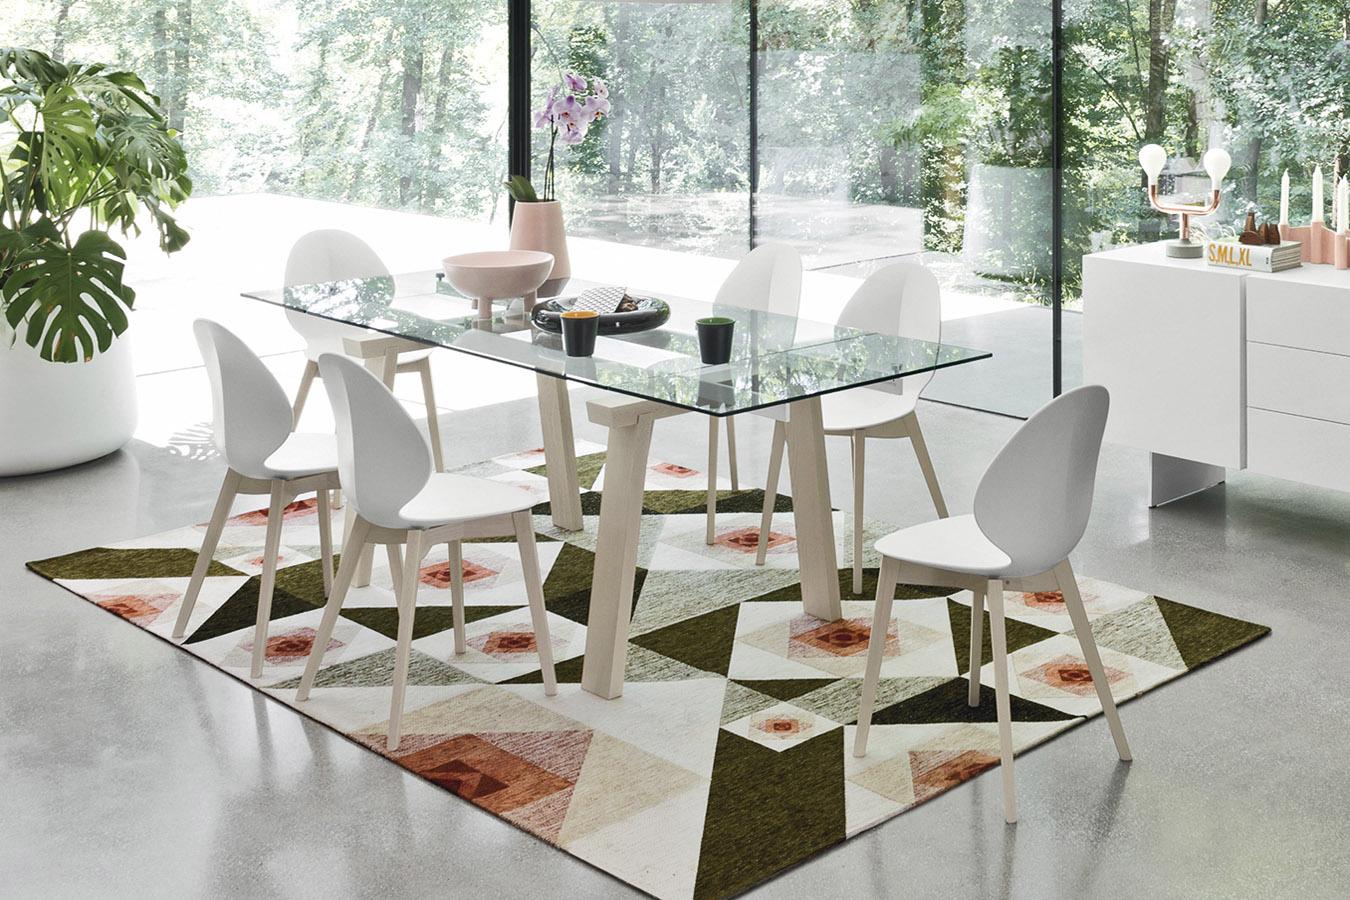 Soggiorni Moderni Calligaris.Calligaris Tavolo Allungabile Levante Moderno Design Pranzo